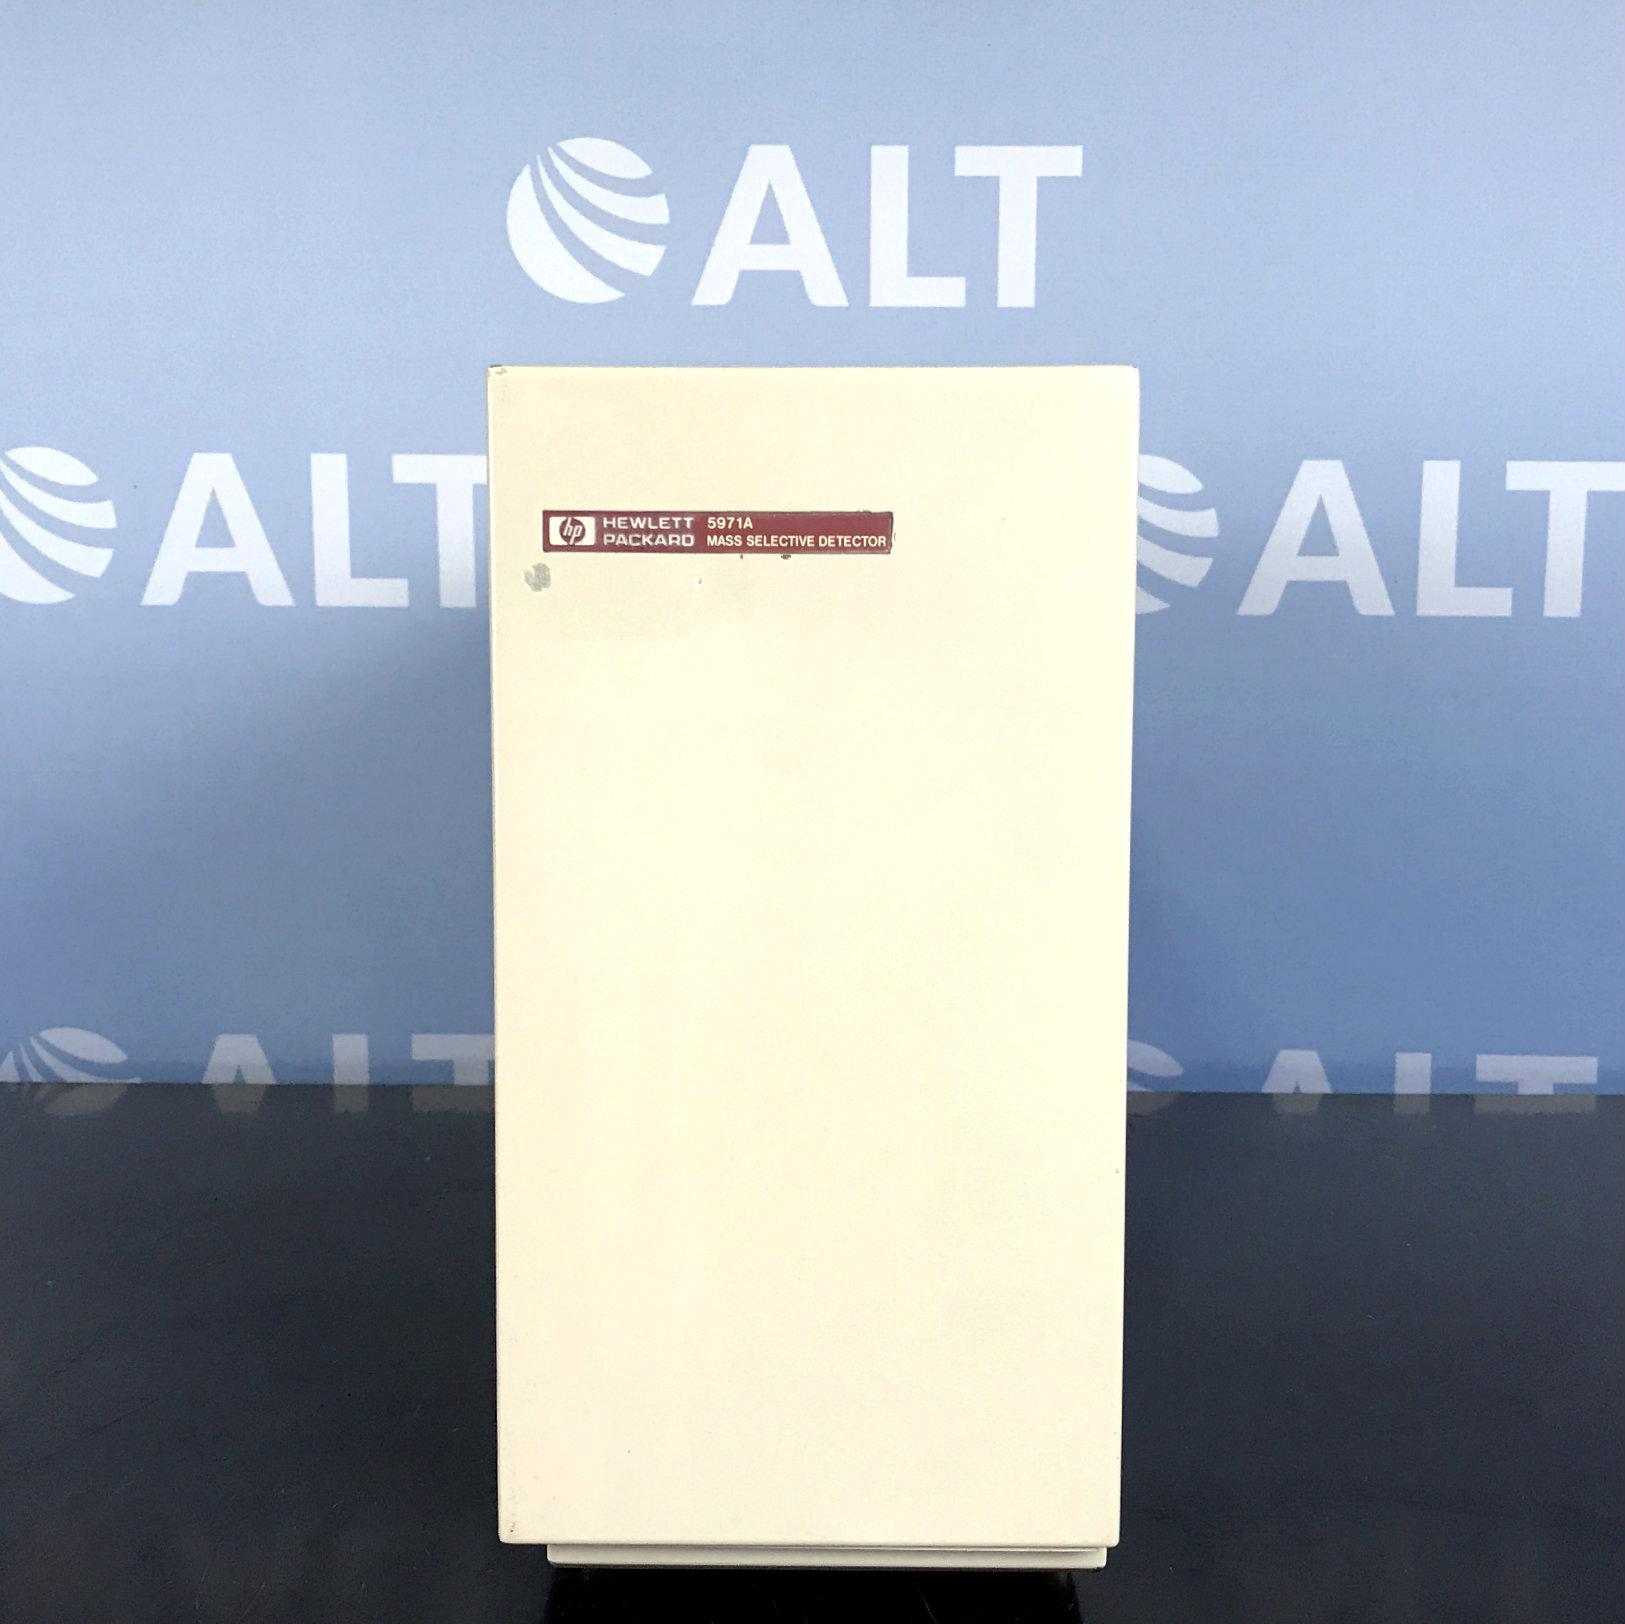 Hewlett Packard 5971A Series Mass Selective Detector Image